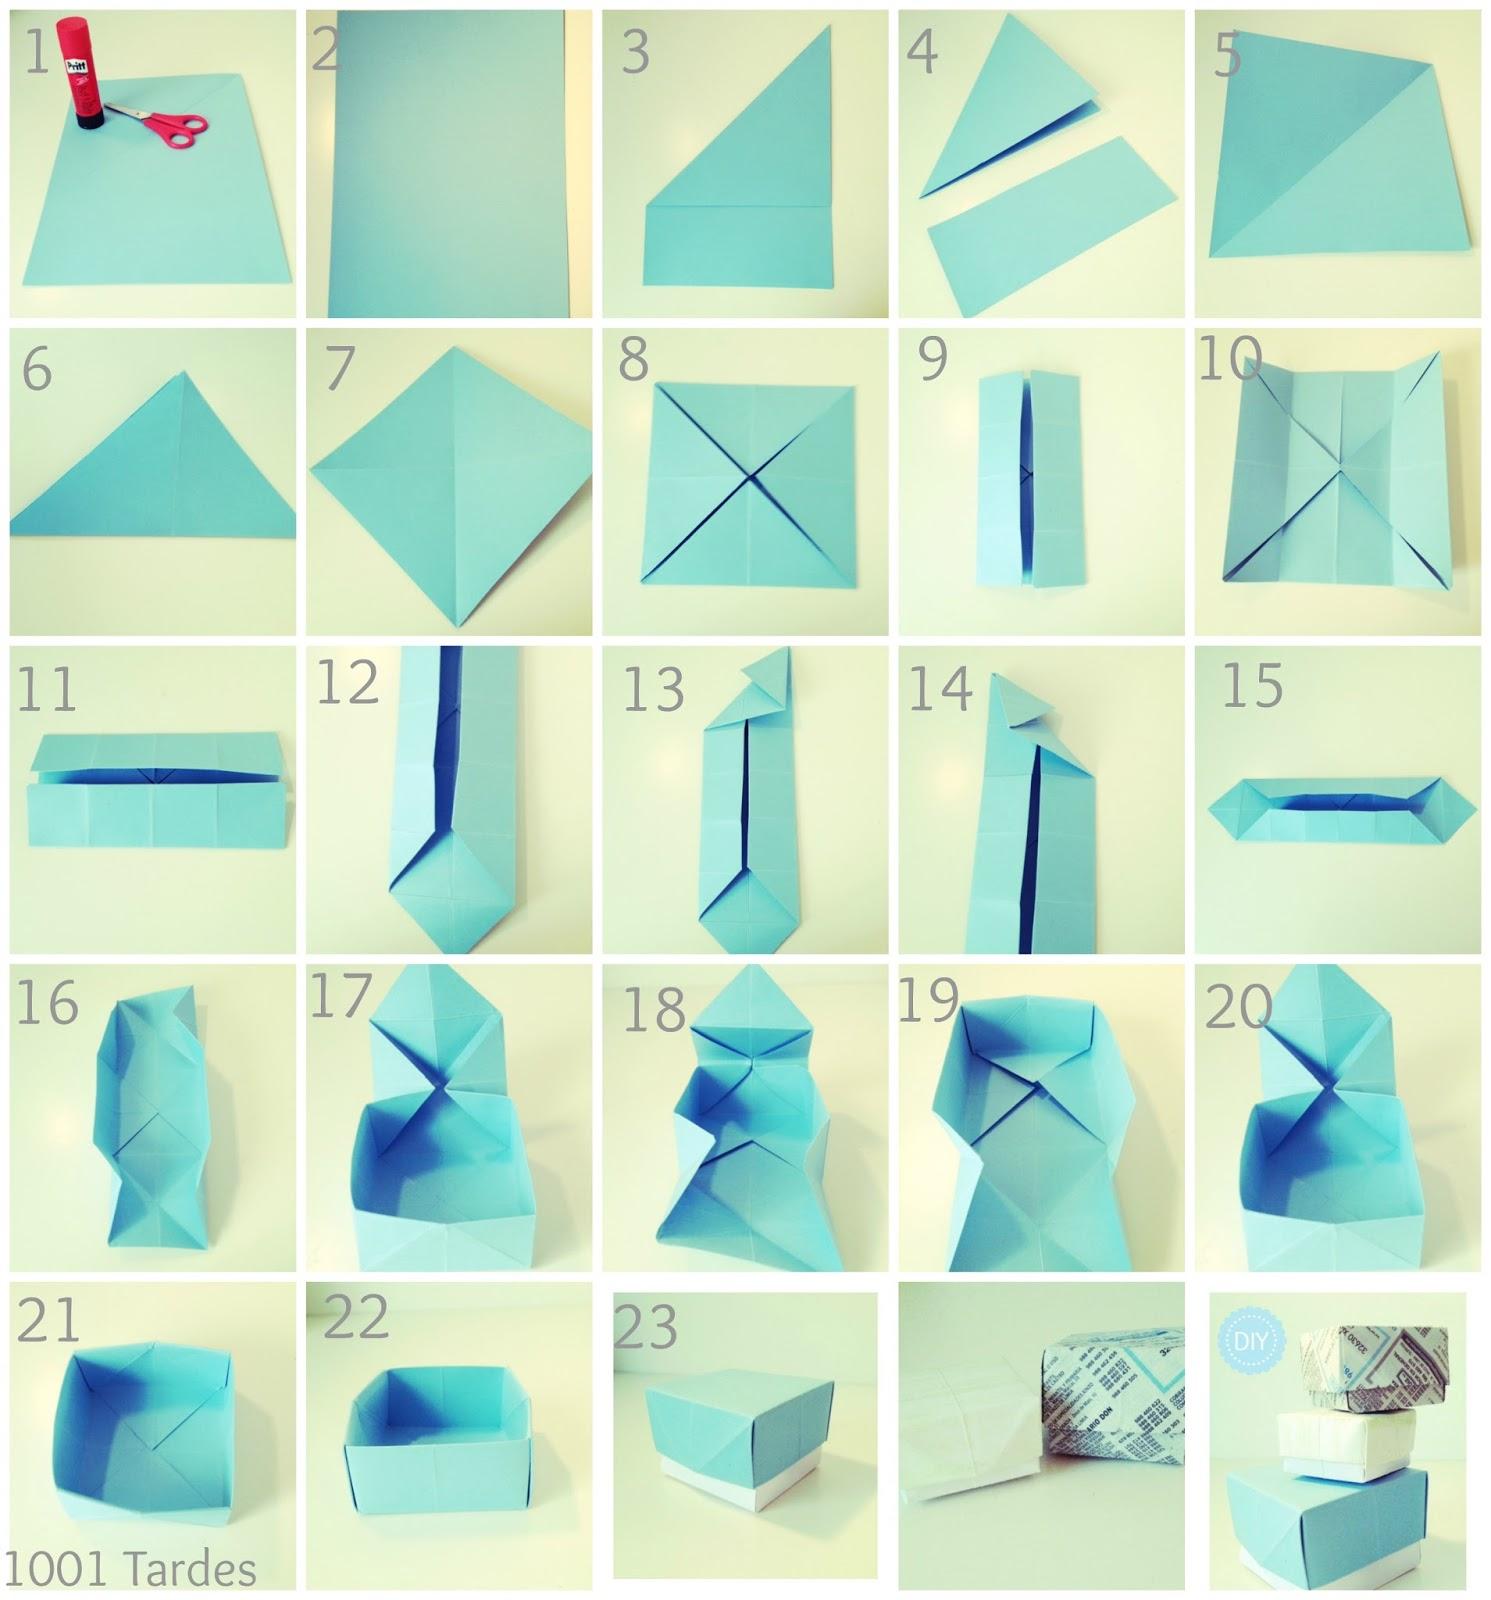 1001 tardes diy hacer cajas con papel - Como hacer cosas de papel paso a paso faciles ...